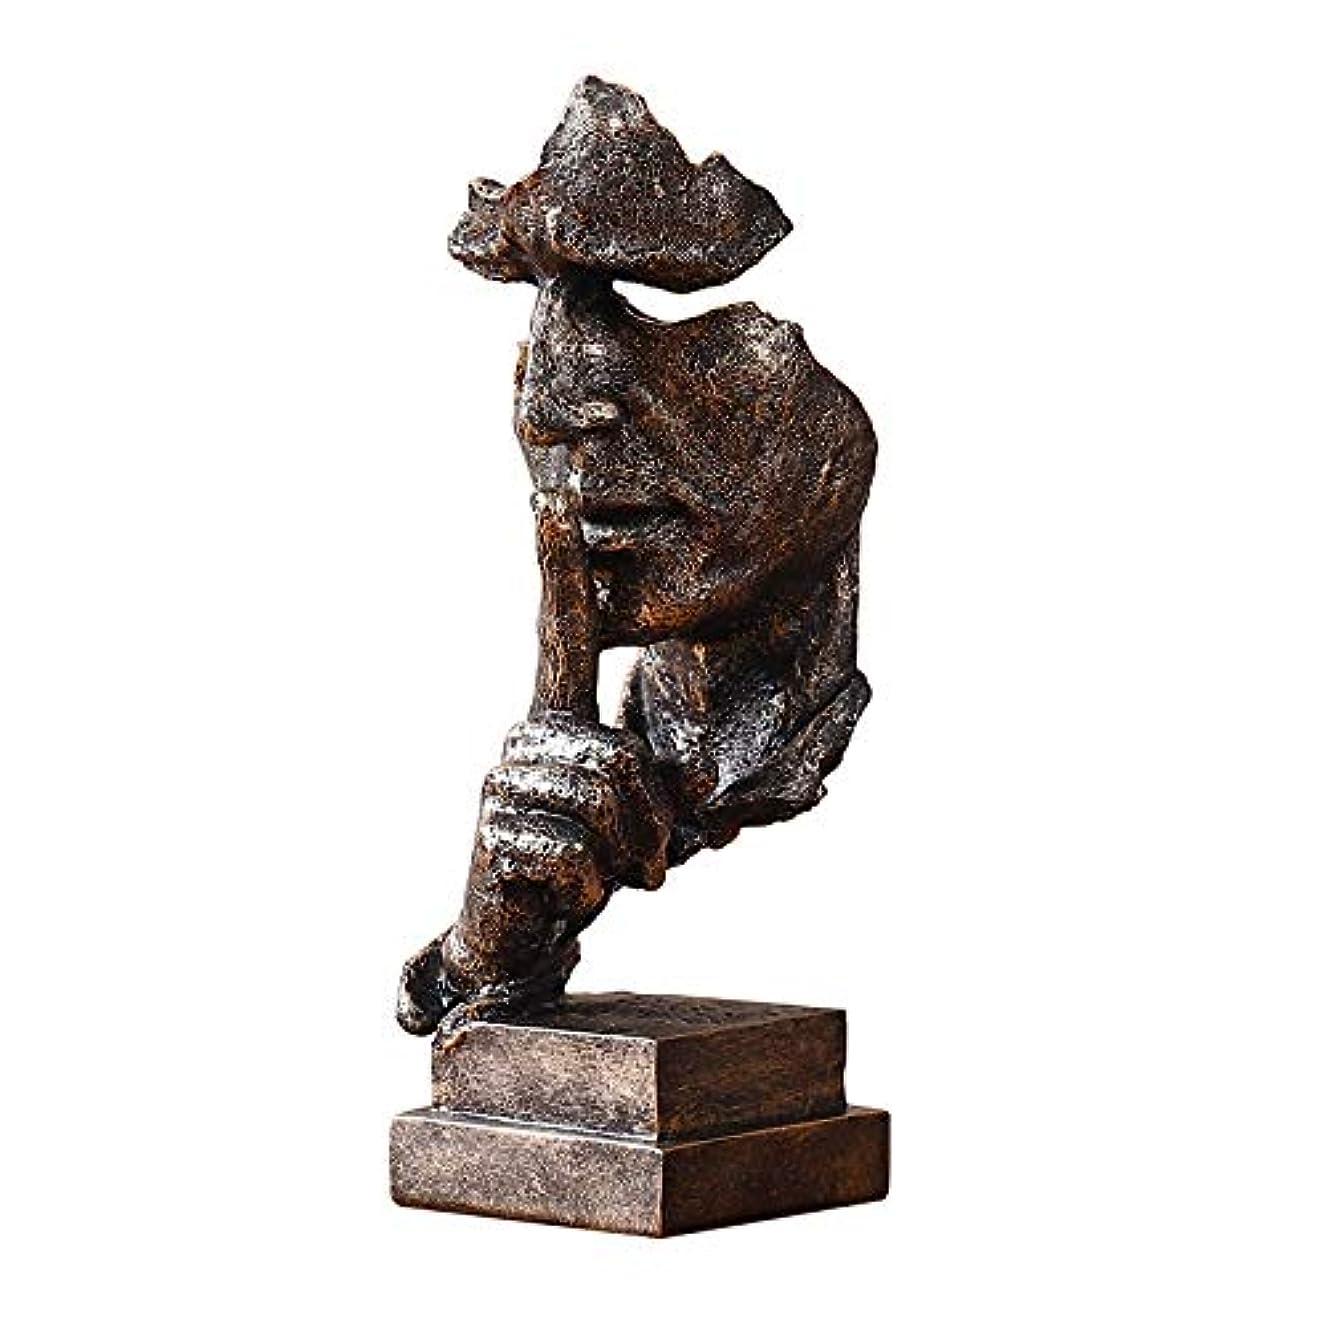 一般つらいまさに樹脂抽象彫刻沈黙はゴールデン男性像キャラクター工芸品装飾用オフィスリビングルームアートワーク,Bronze